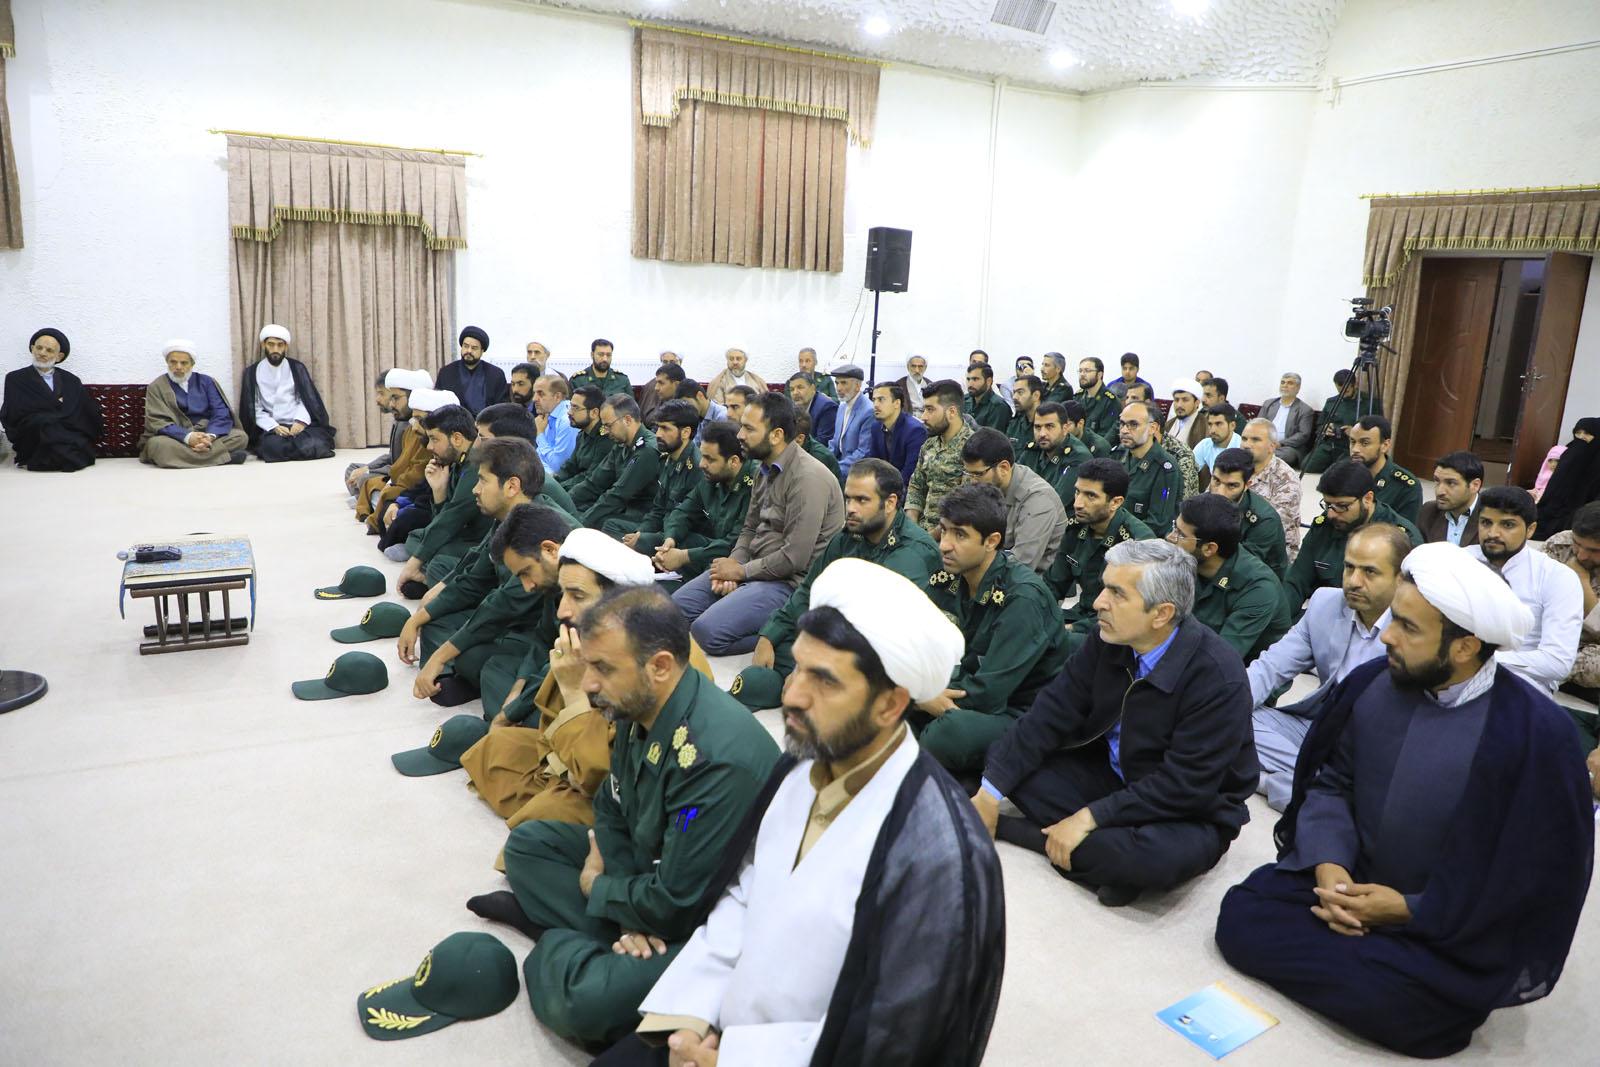 دیدار جمعی از کارکنان و بسیجیان ناحیه مقاومت بسیج سپاه بیرجند با حجت الاسلام و المسلمین عبادی